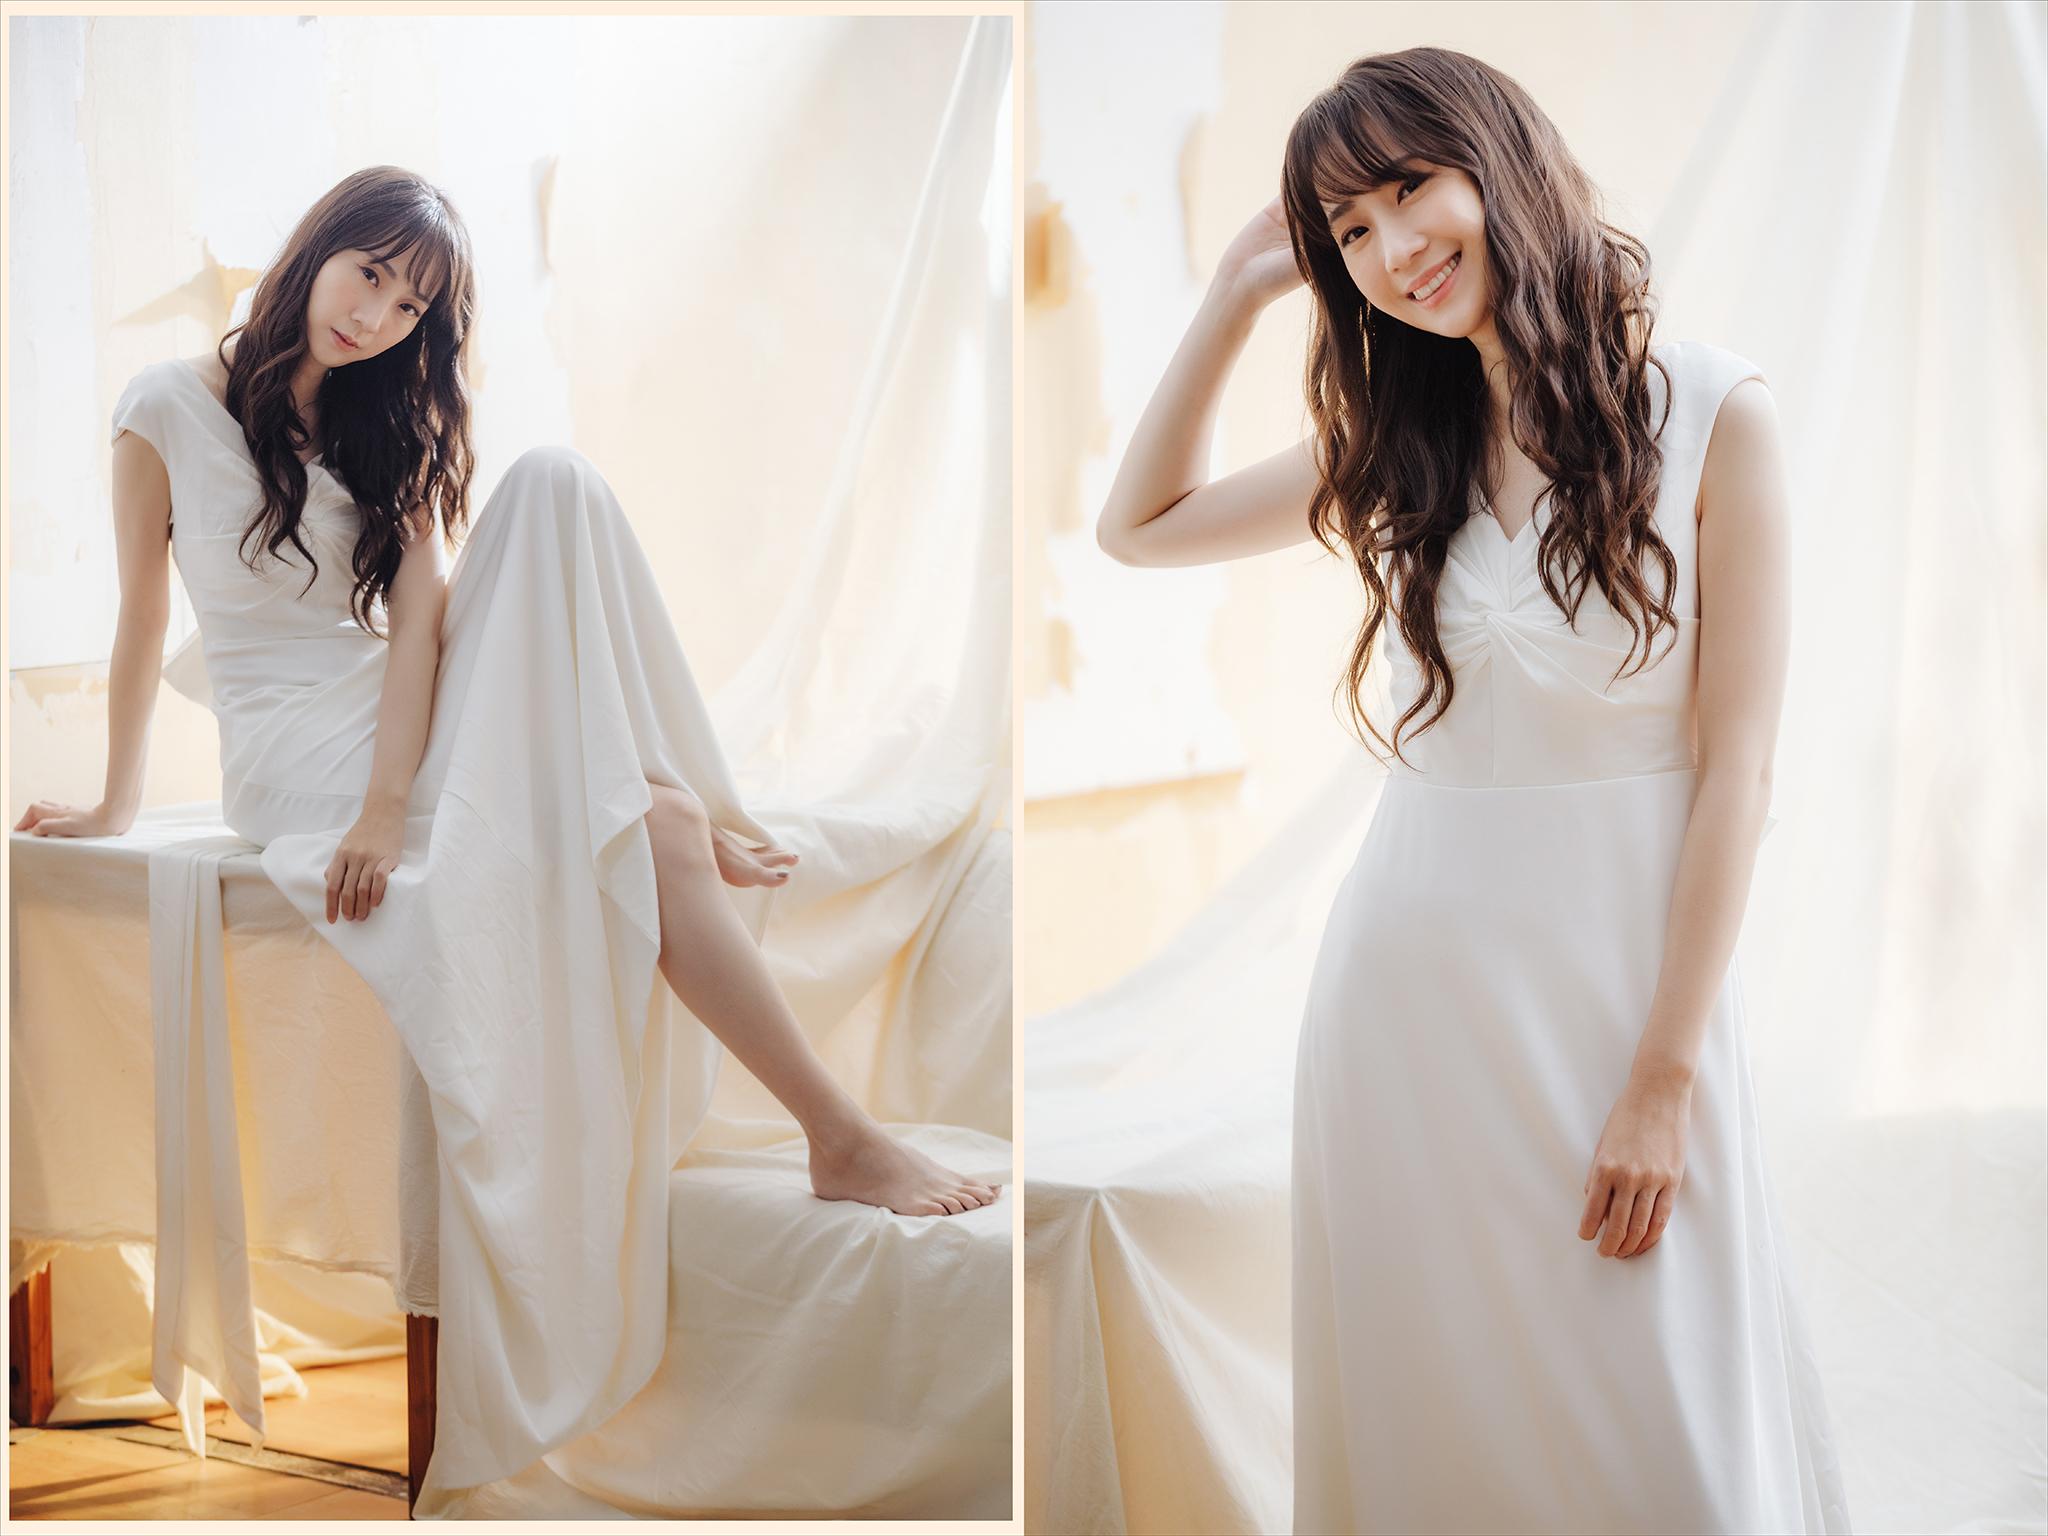 50659285503 771d9f8afb o - 【自主婚紗】+Melody+